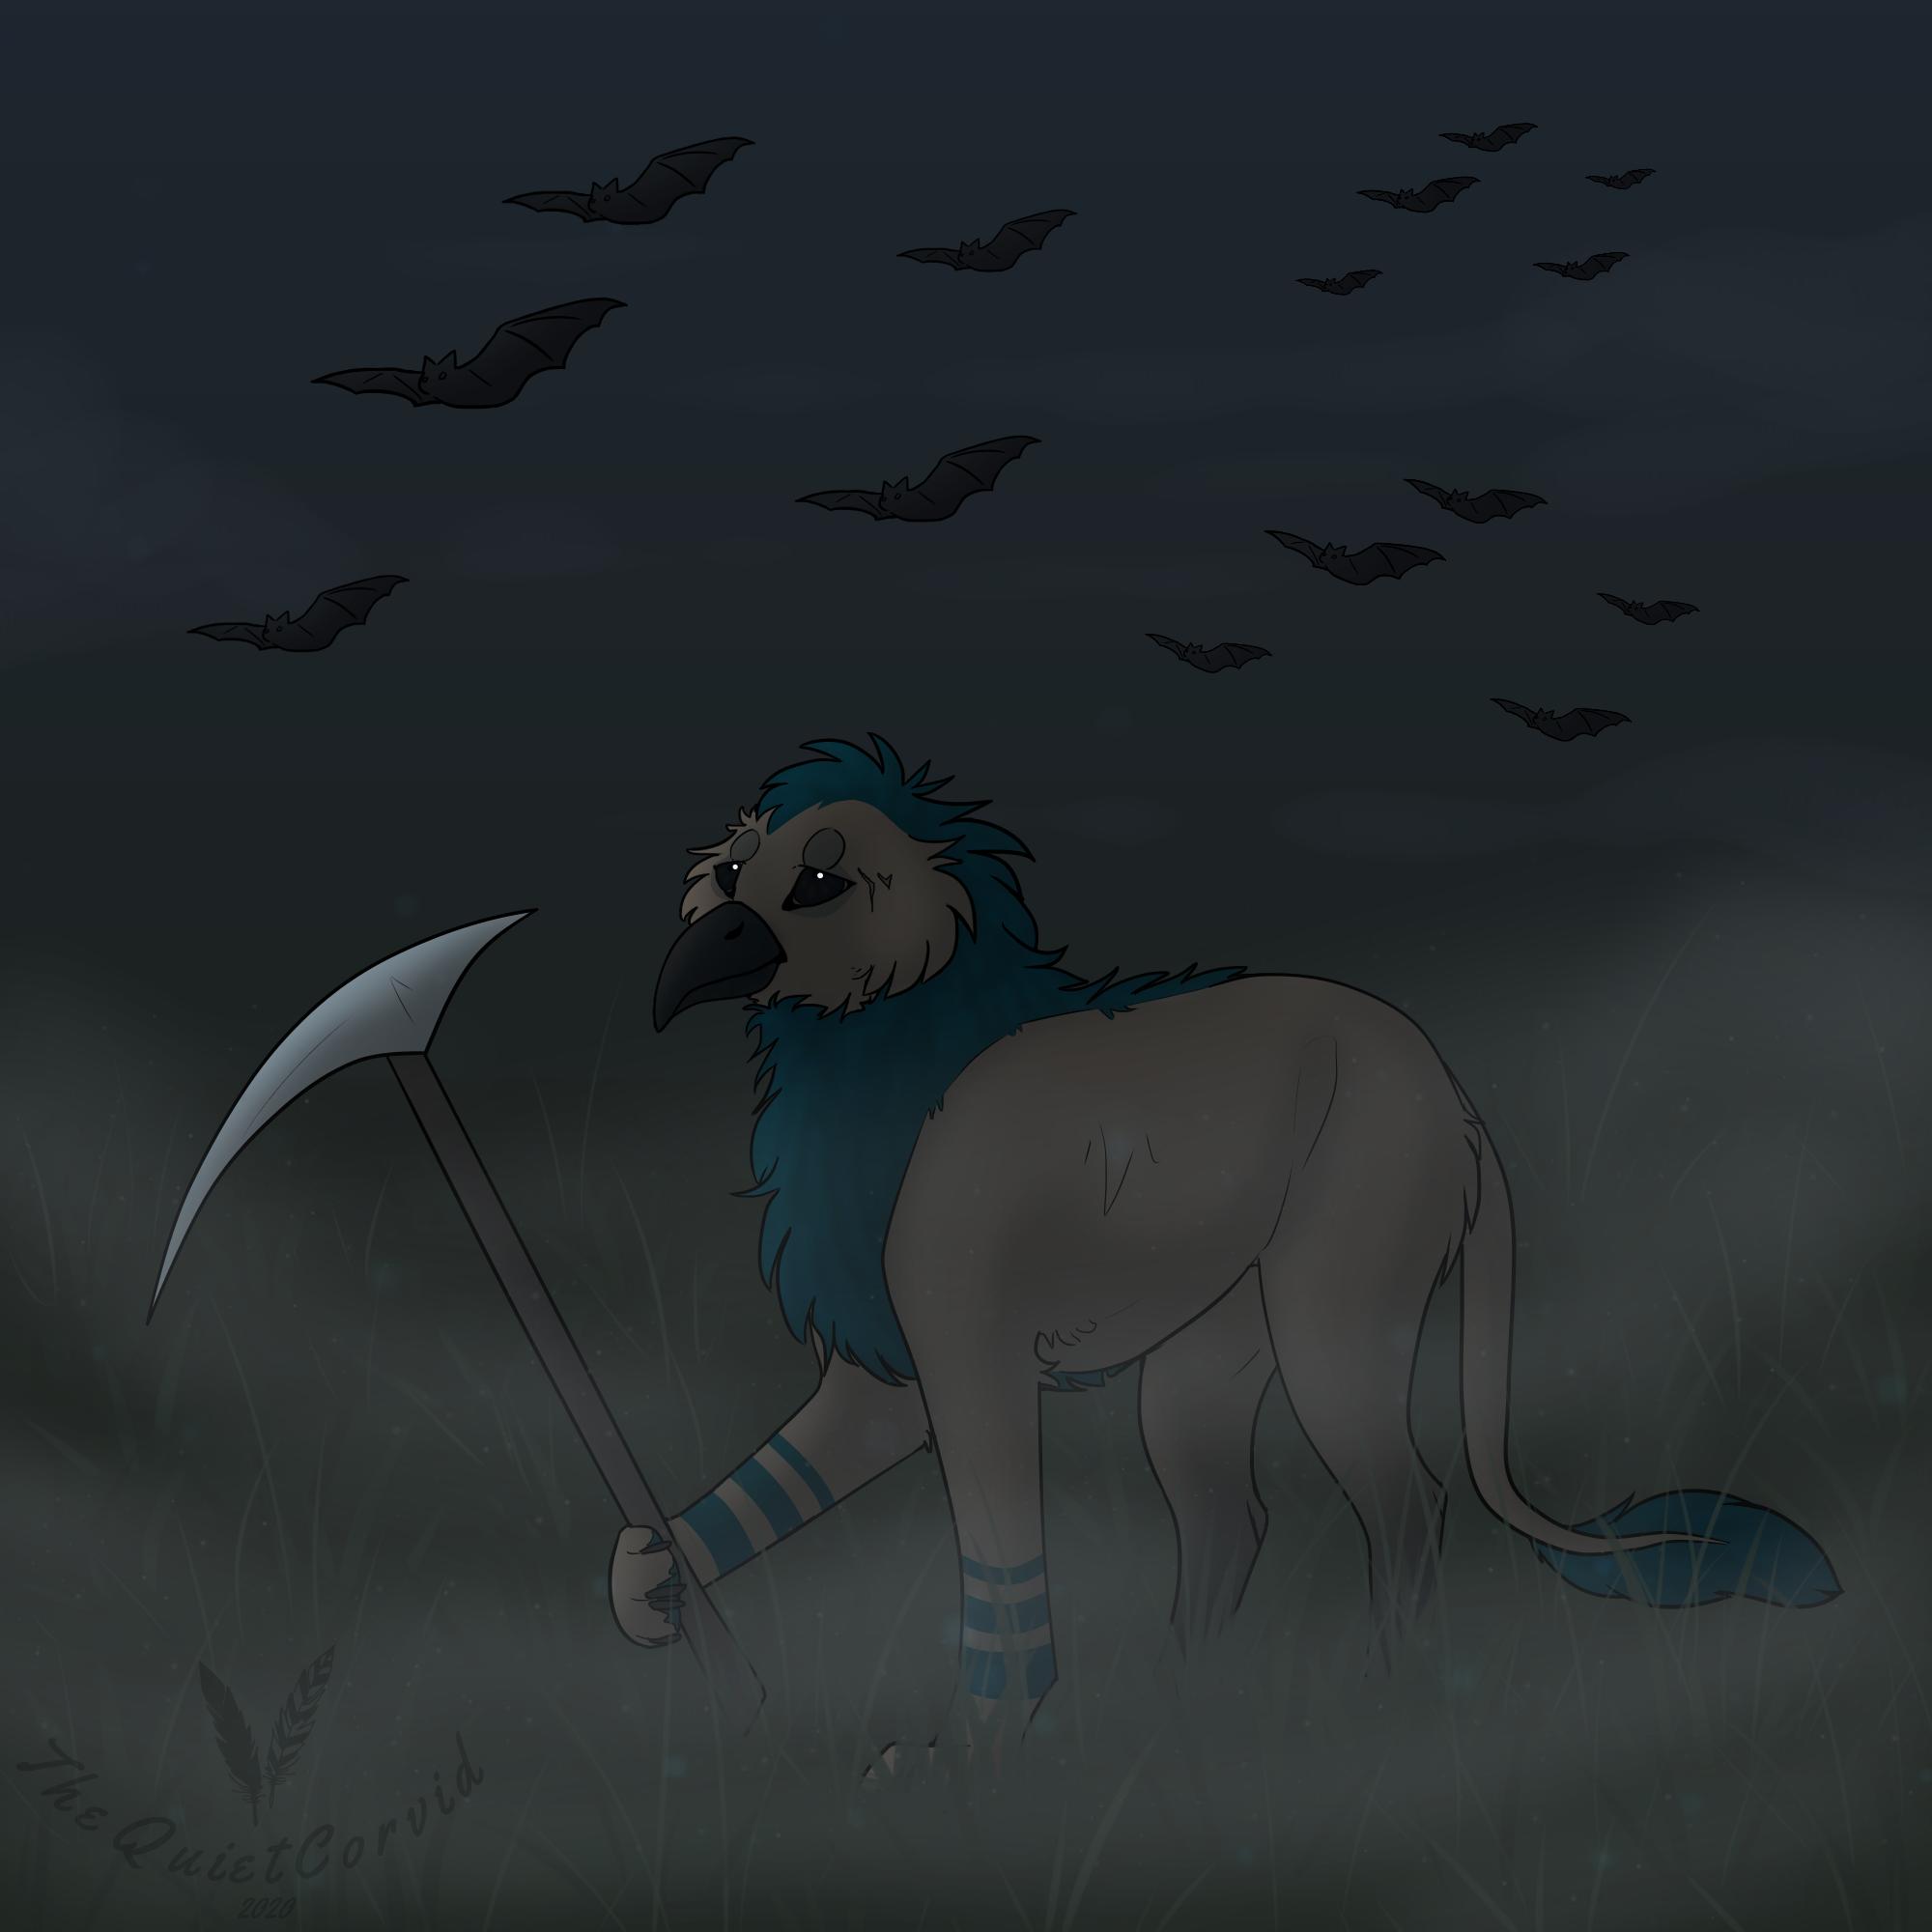 Spooktober | Day 1 - Bats